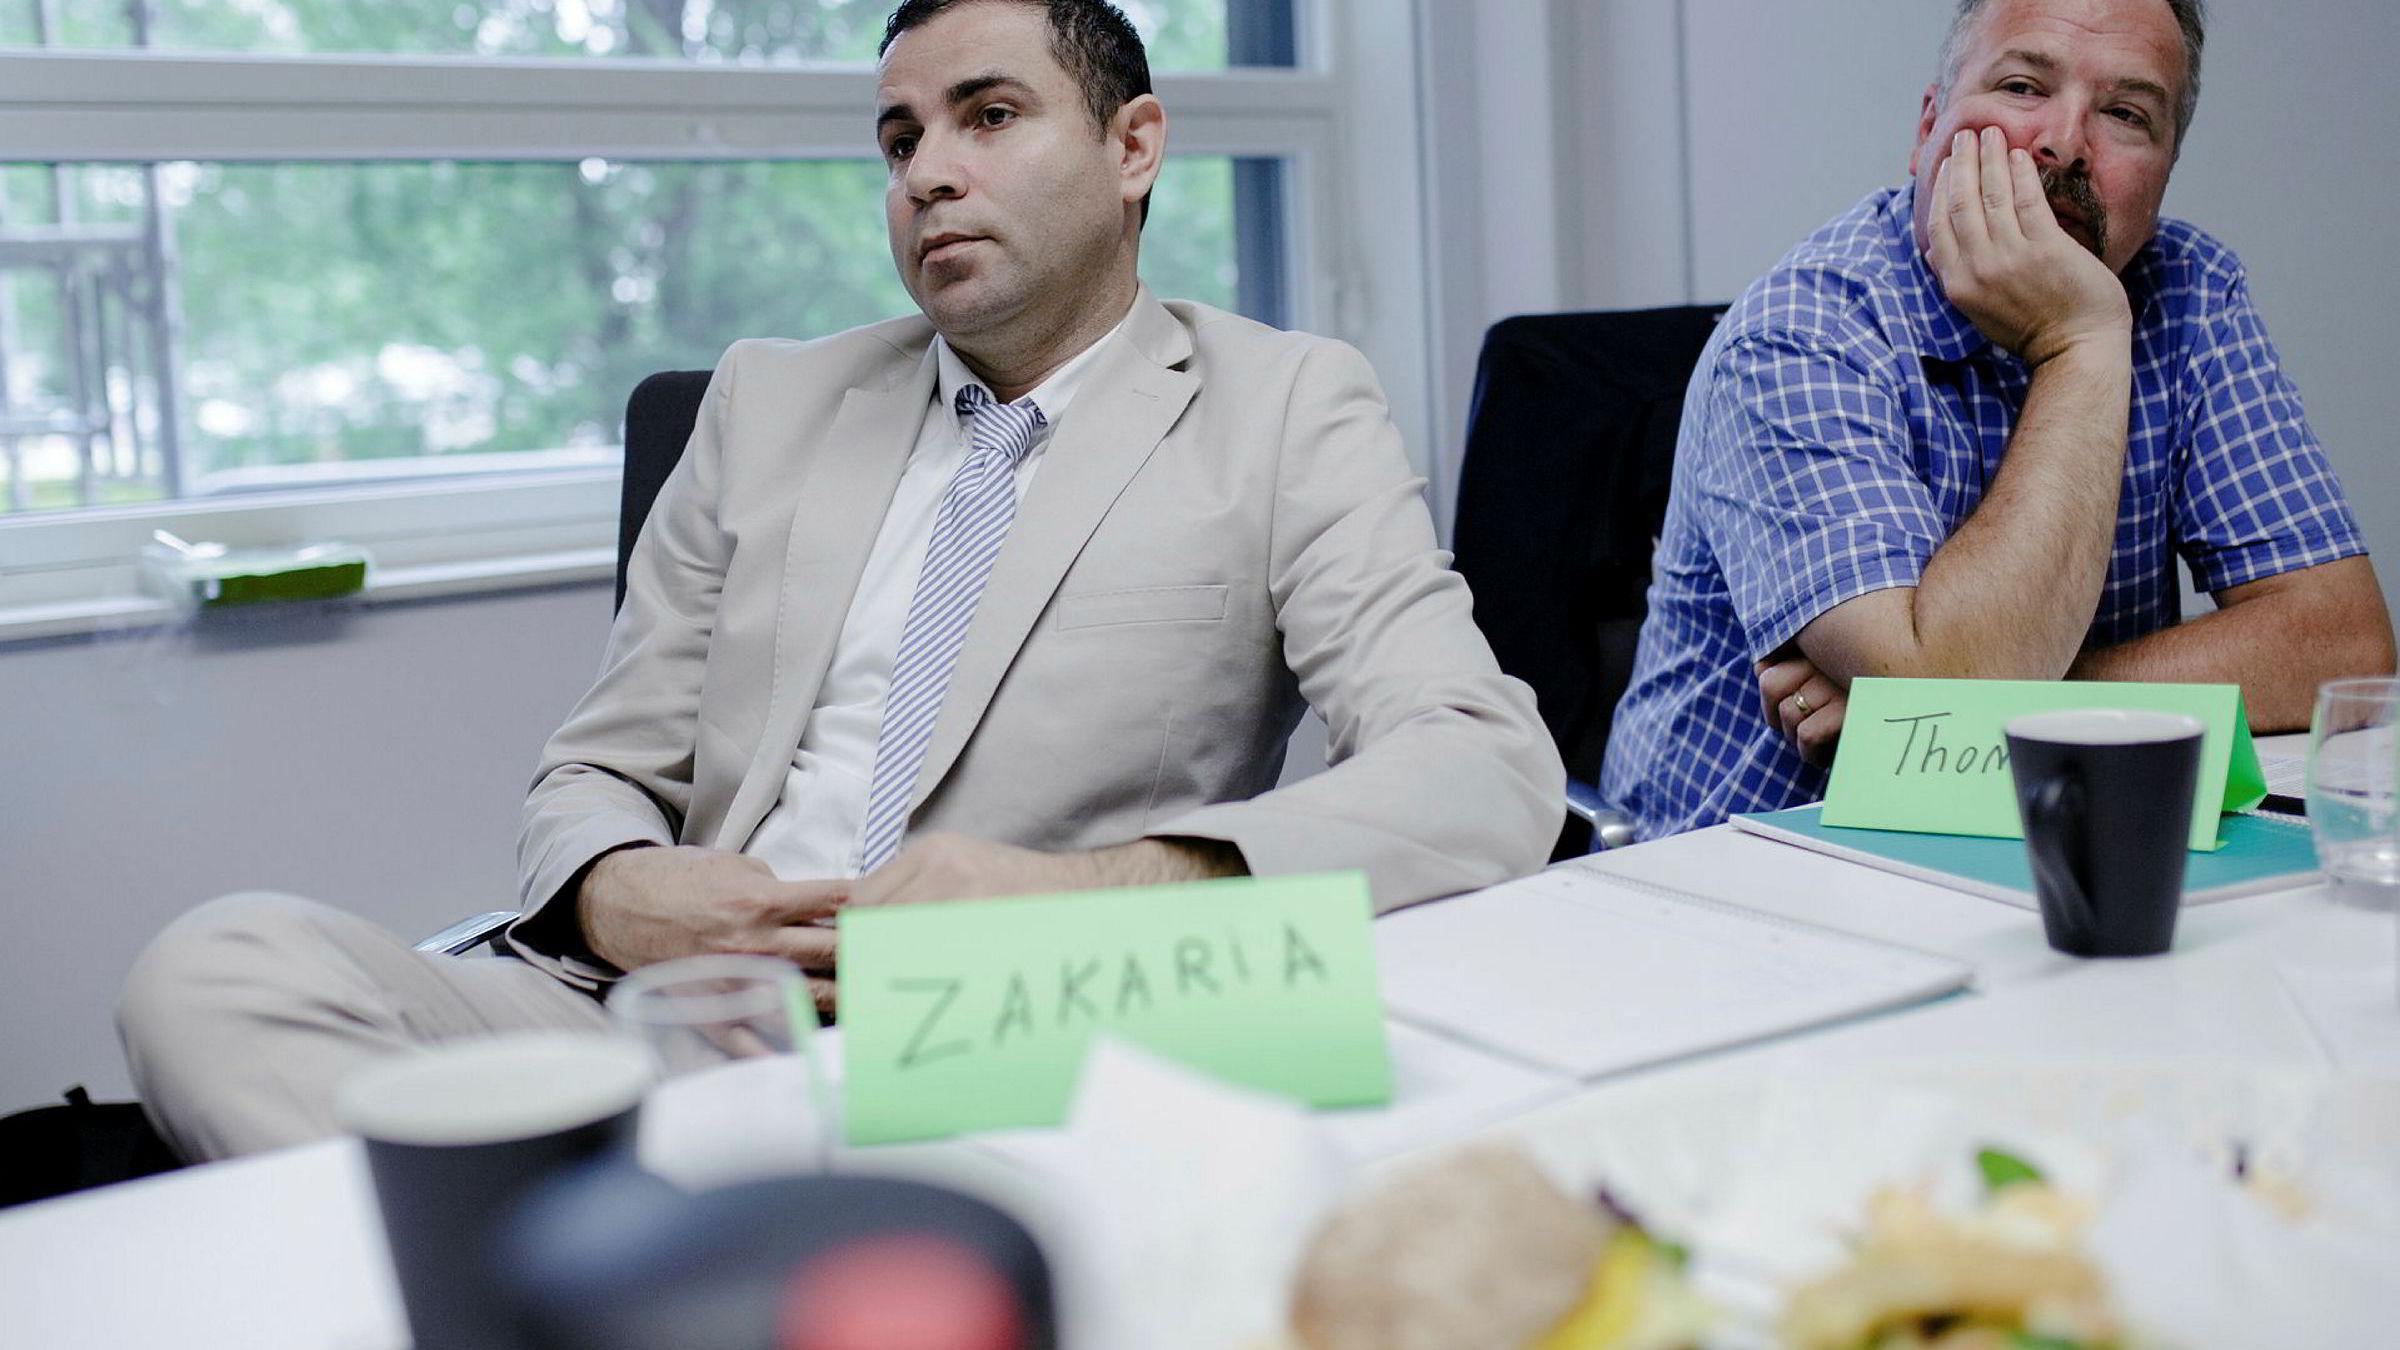 Amerikaneren Thomas Godwin (43, til høyre) står uten fast jobb på sjette året, selv med en master i ikt fra Oslomet. Her ved siden av den syriske barnelegespesialisten Zakaria Ali Almamo (34) på mentor- og utviklingskurset «Jobbreisen» i lokalene til Bærum Næringsråd.